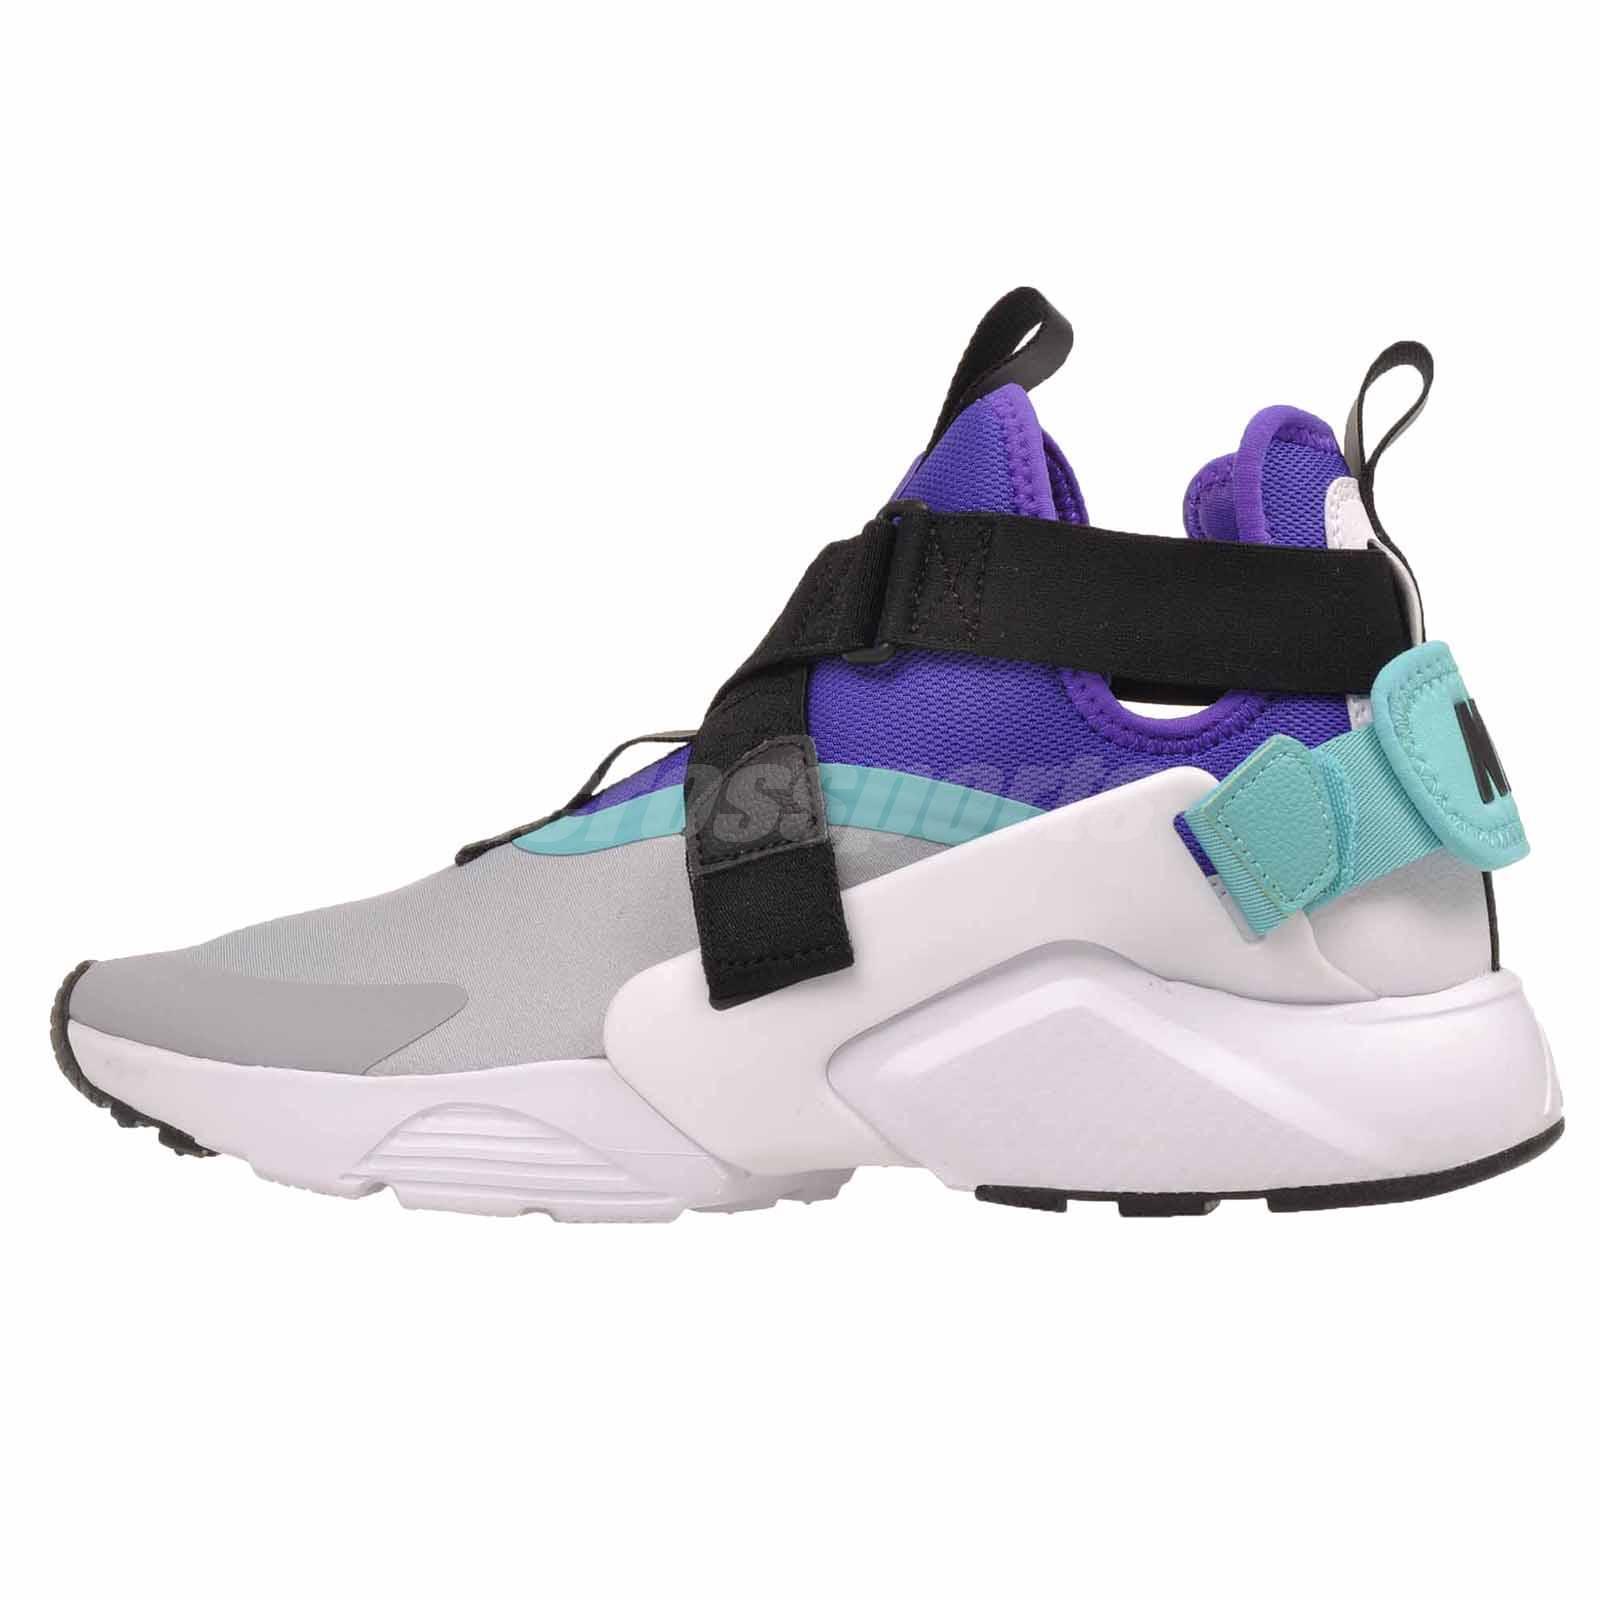 Nike air huarache città correndo le donne scarpe w lupo grigio ah6787-004 | I Materiali Superiori  | Uomini/Donna Scarpa